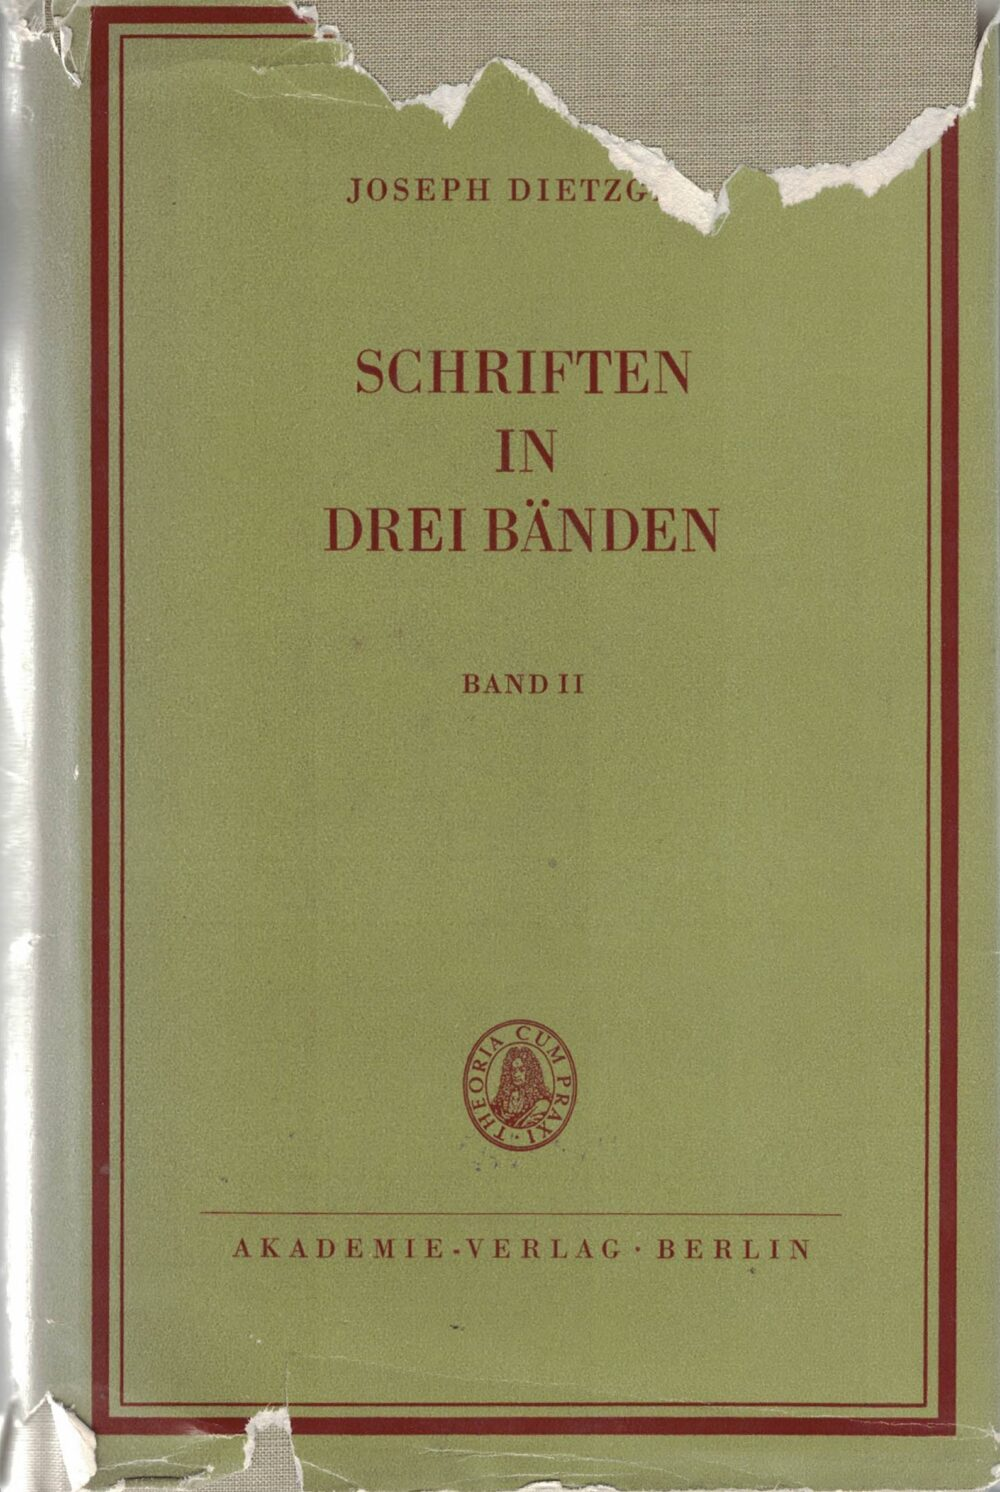 Joseph Dietzgen - Schriften in 3 Bänden - Band 1 und 2